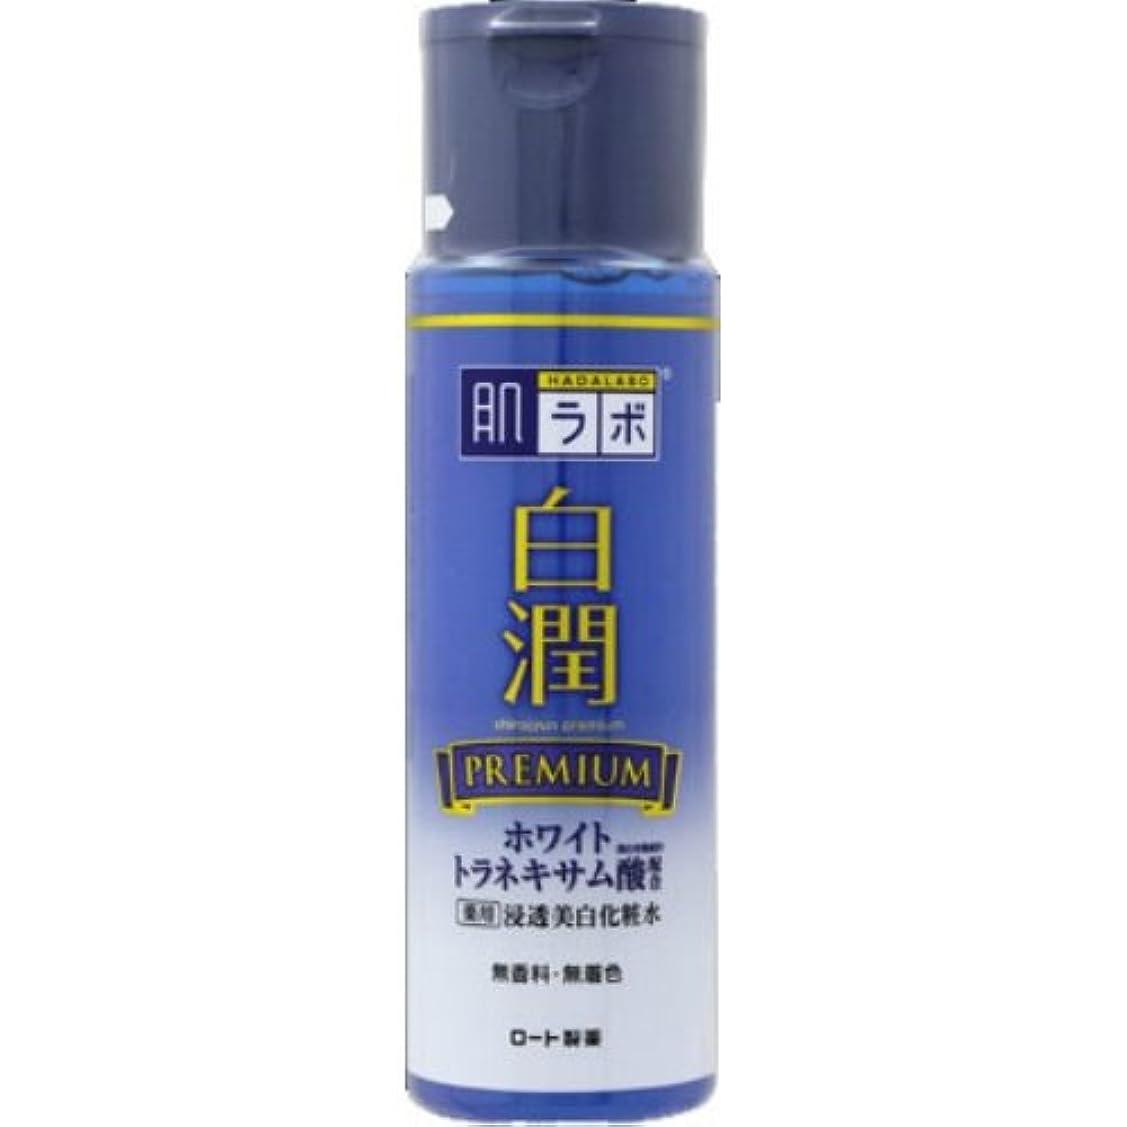 ダースプロテスタント反響する肌ラボ 白潤プレミアム 薬用浸透美白化粧水 170mL × 10個セット